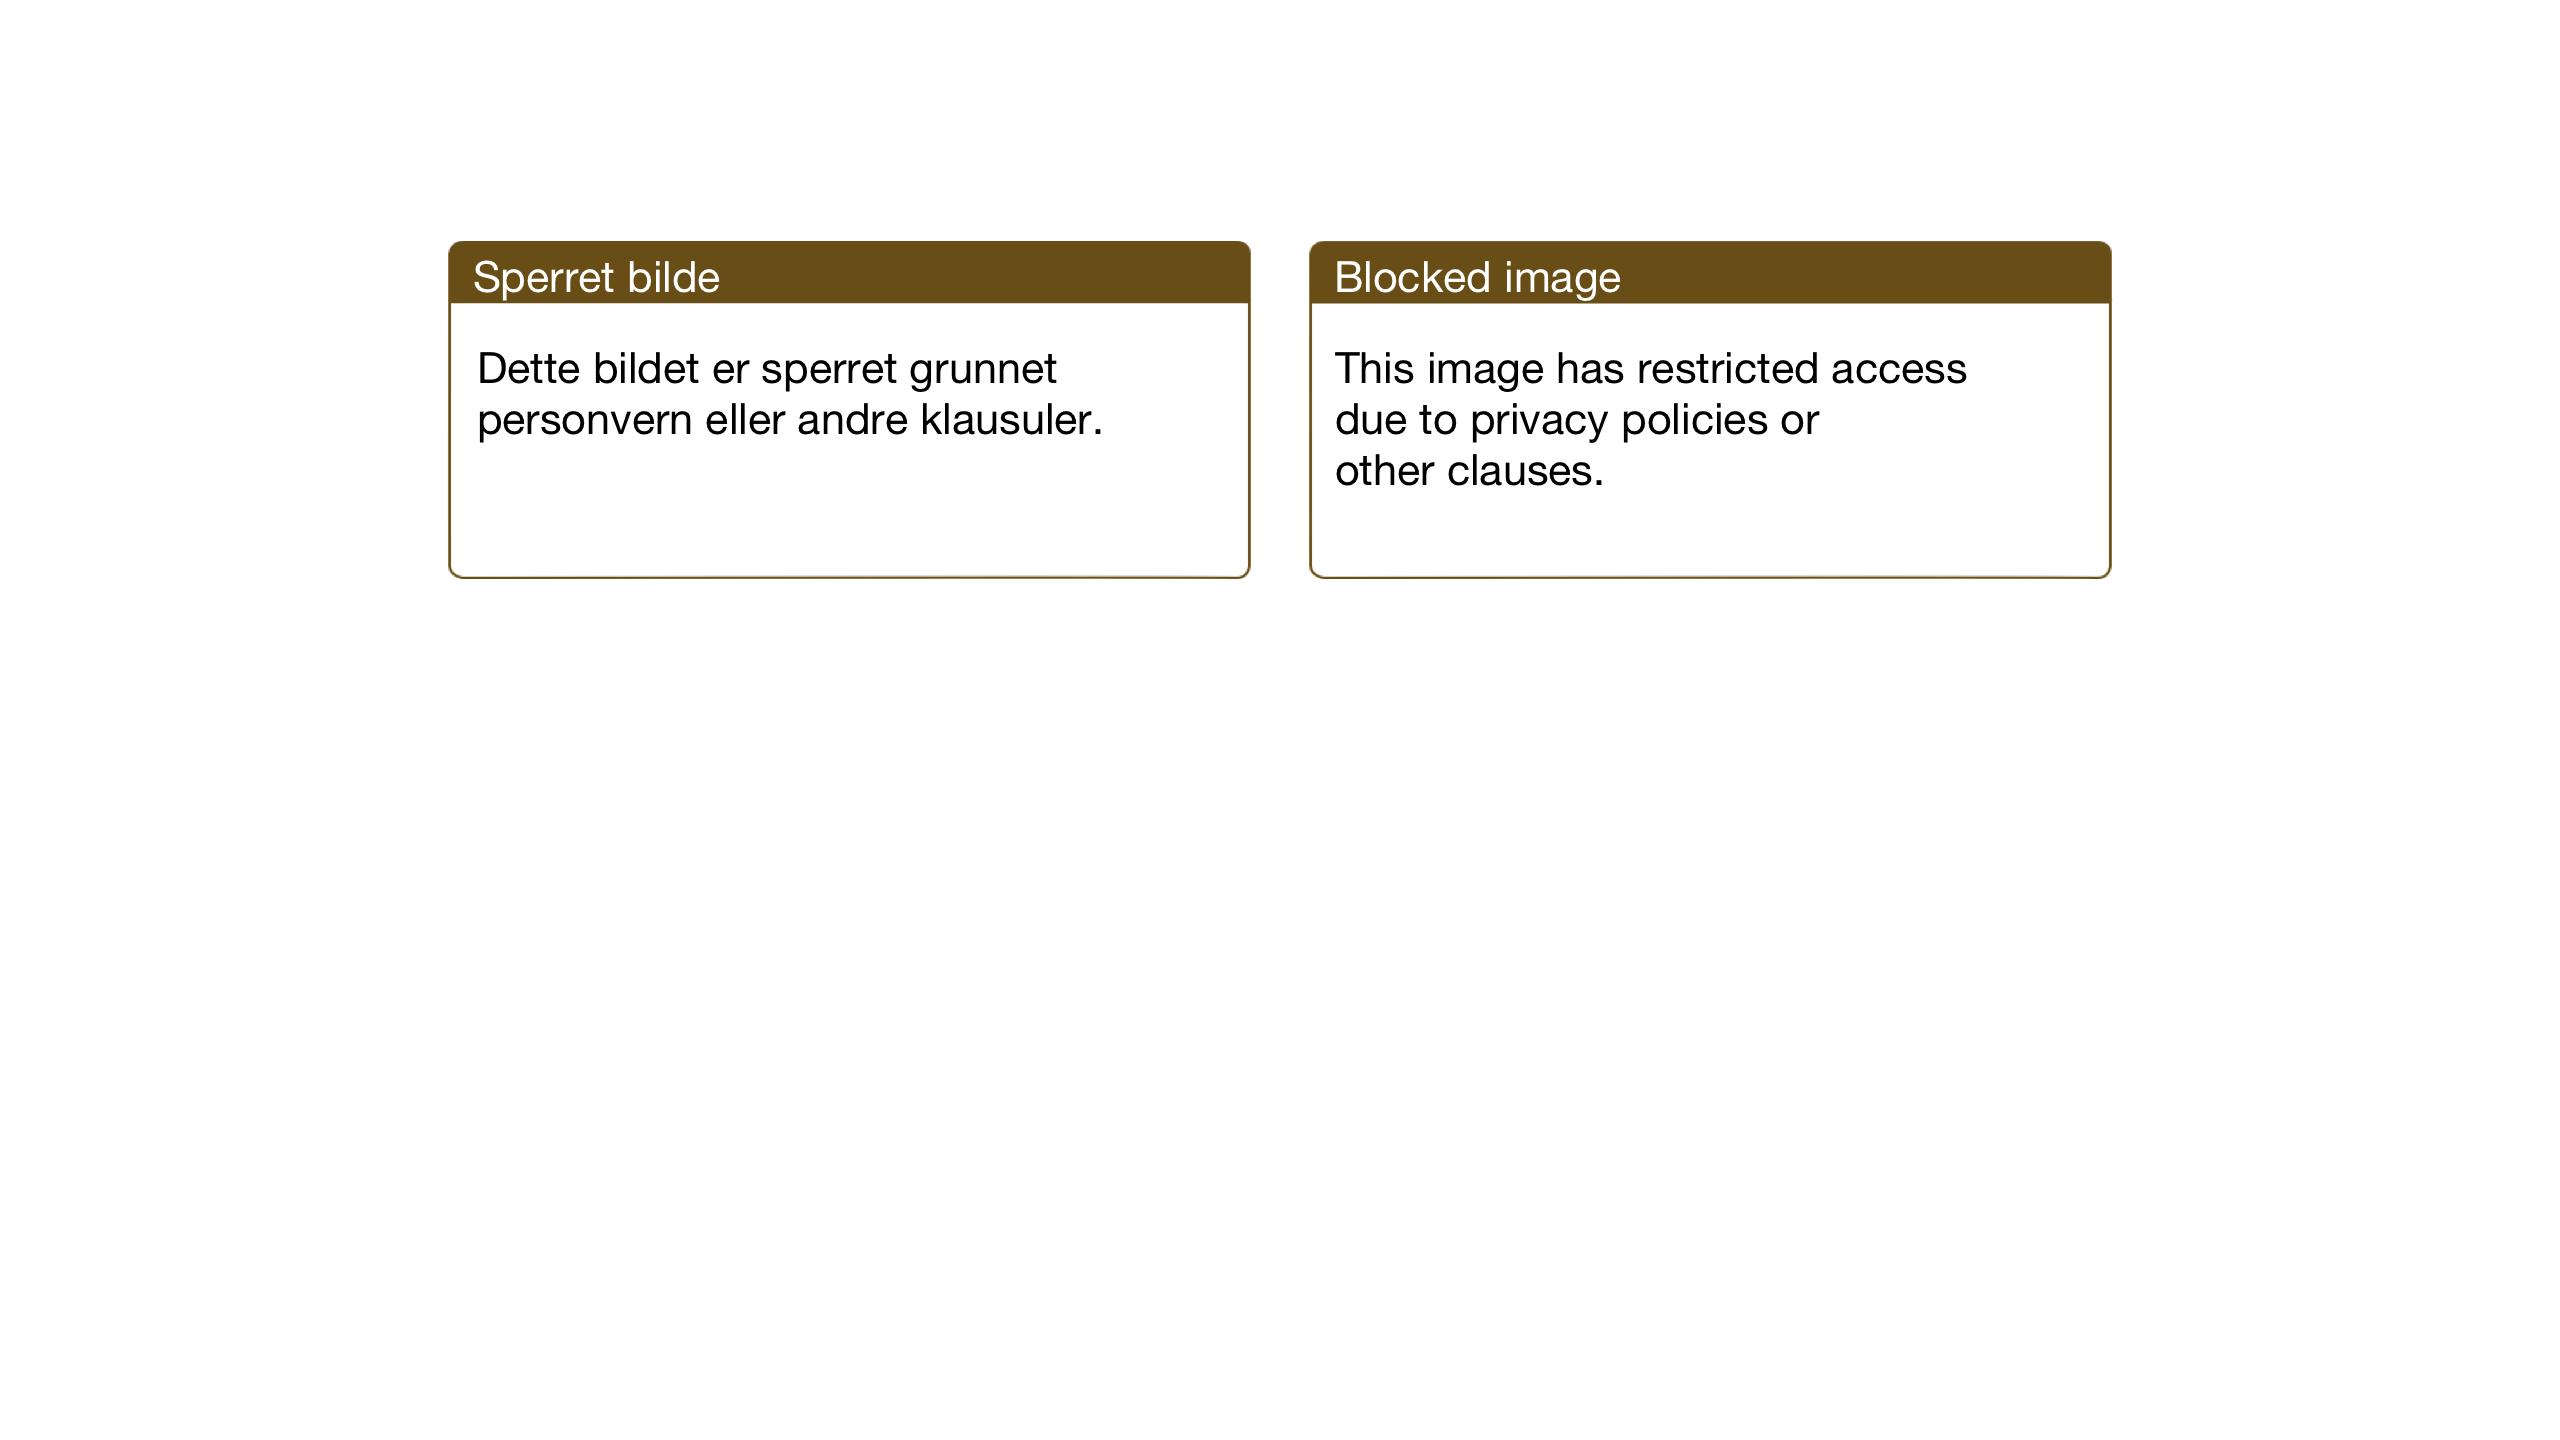 SAT, Ministerialprotokoller, klokkerbøker og fødselsregistre - Sør-Trøndelag, 682/L0947: Klokkerbok nr. 682C01, 1926-1968, s. 87